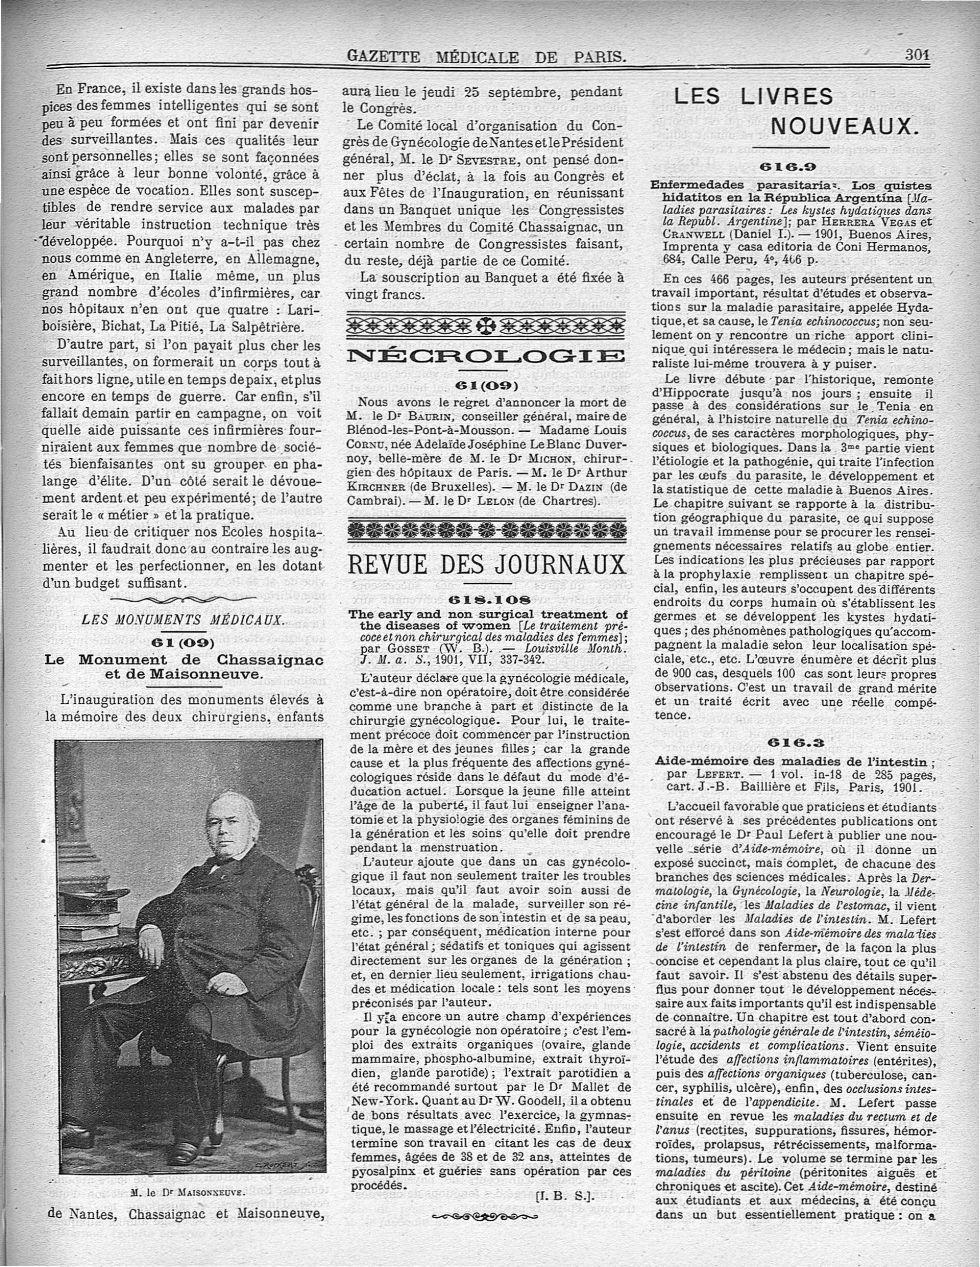 M. le Dr Maisonneuve - Gazette médicale de Paris : journal de médecine et des sciences accessoires - Médecins. France. 19e siècle - med90182x1901x01x0305